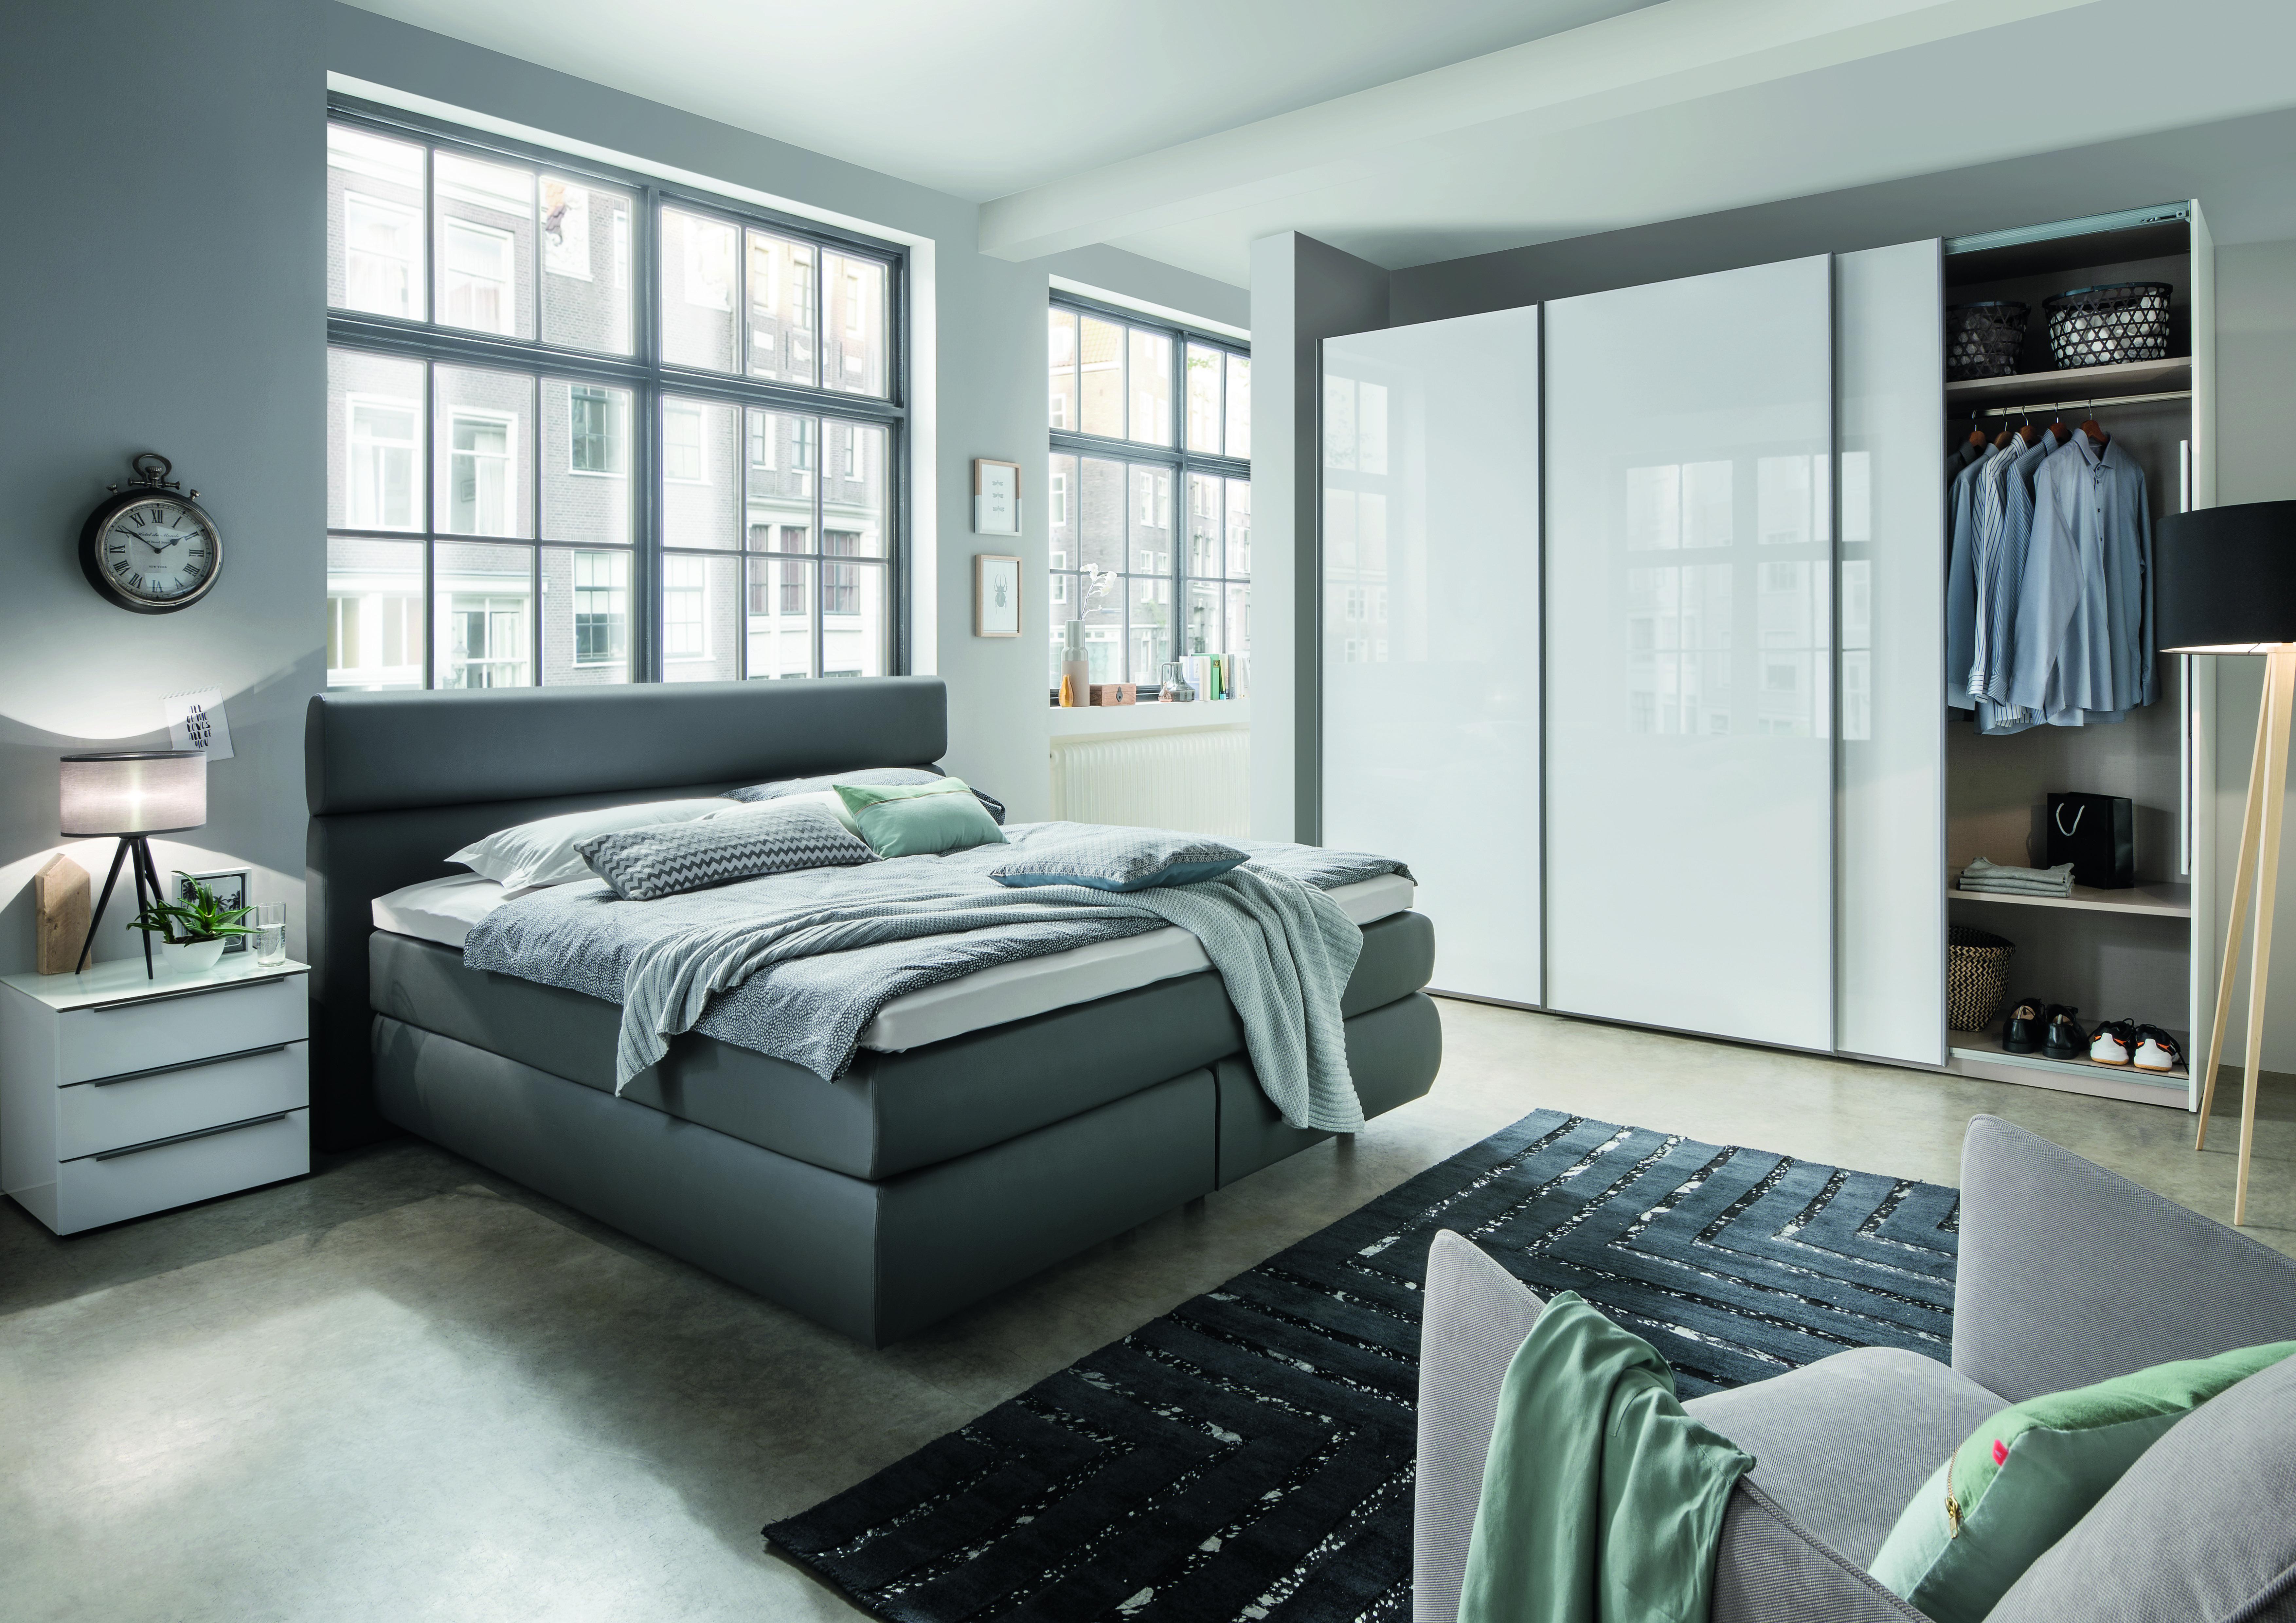 Valencia Ist Eines Unserer Herrlichen Betten Hier Kannst Du Erholsam Traumen Und Dich Richtig Gut Ausschlafen Wohnen Schlafzimmer Schlafzimmer Design